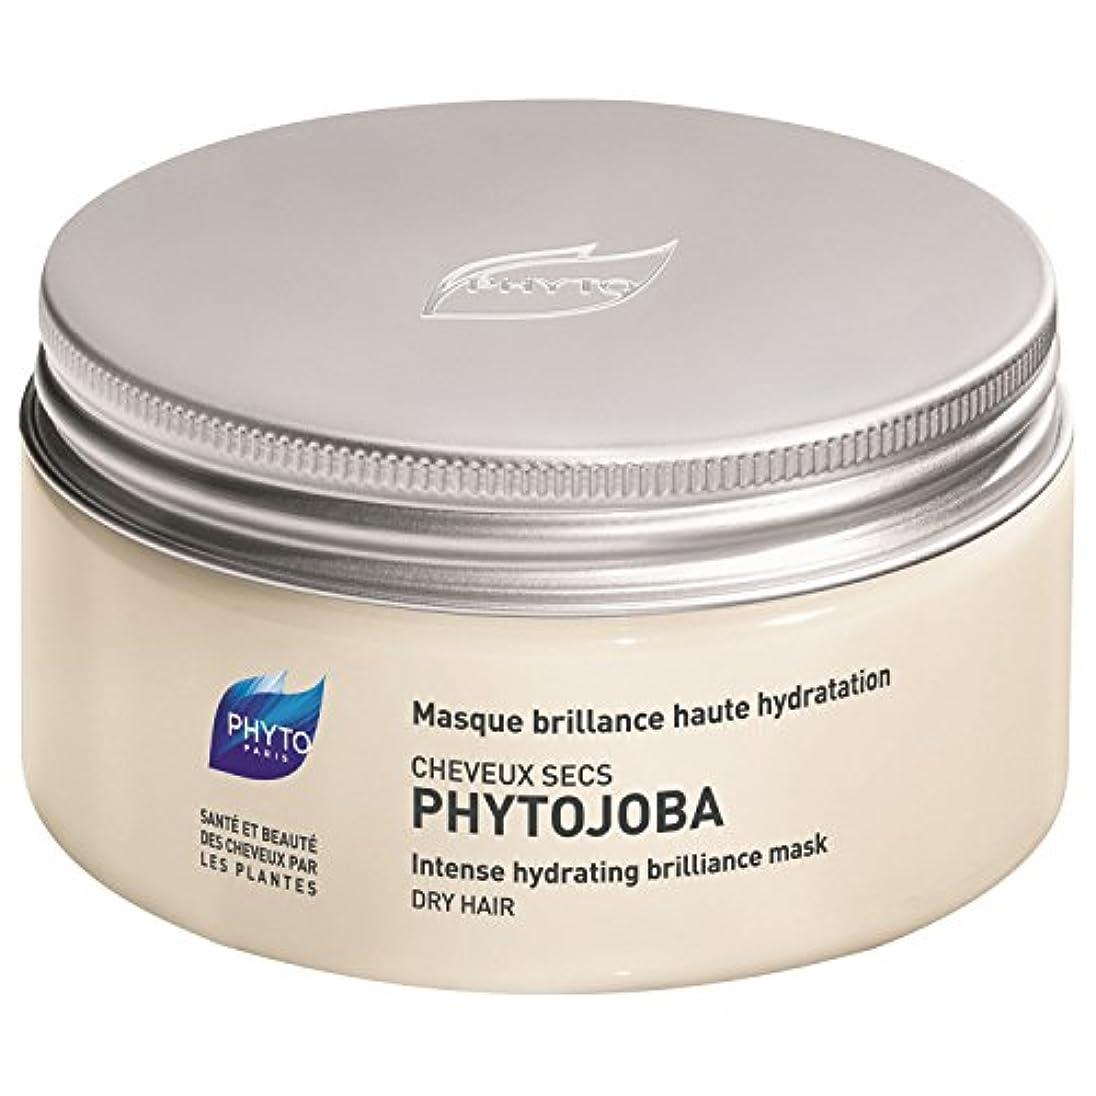 死ぬ民間高原フィトPhytojoba強烈な水分補給マスク200ミリリットル (Phyto) - Phyto Phytojoba Intense Hydrating Mask 200ml [並行輸入品]